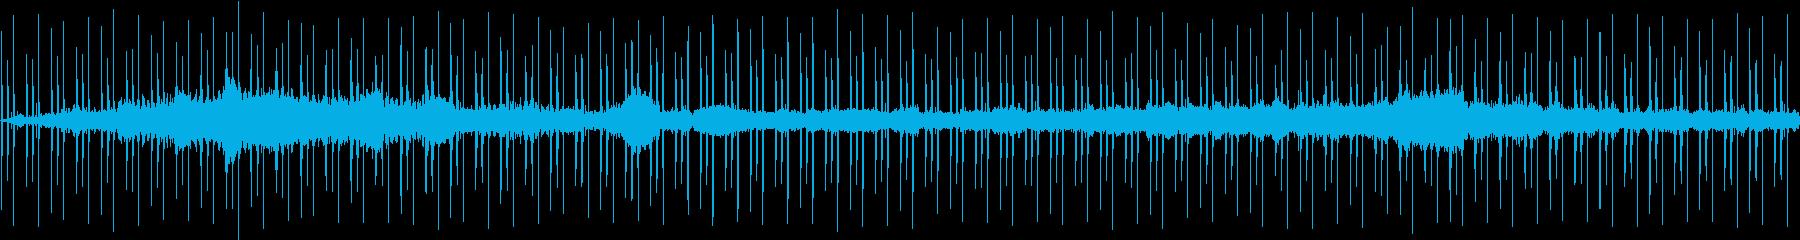 グルーヴ、ループ、シンセ、エレクト...の再生済みの波形